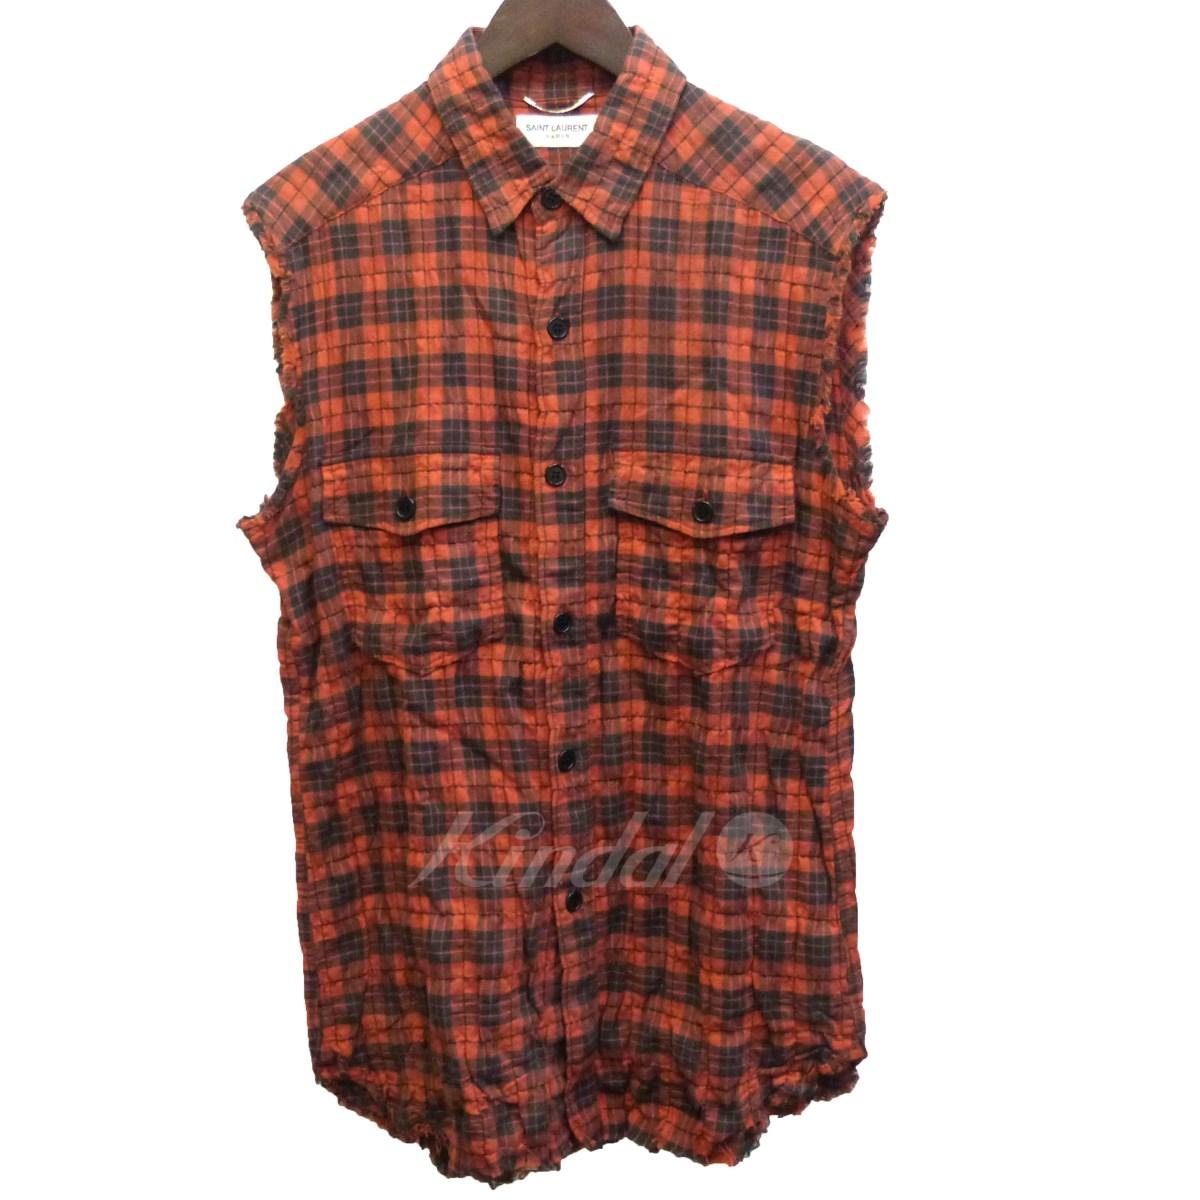 【中古】SAINT LAURENT PARIS 16SS ノースリーブカットオフチェックシャツ オレンジ×ブラック サイズ:S 【040519】(サンローランパリ)